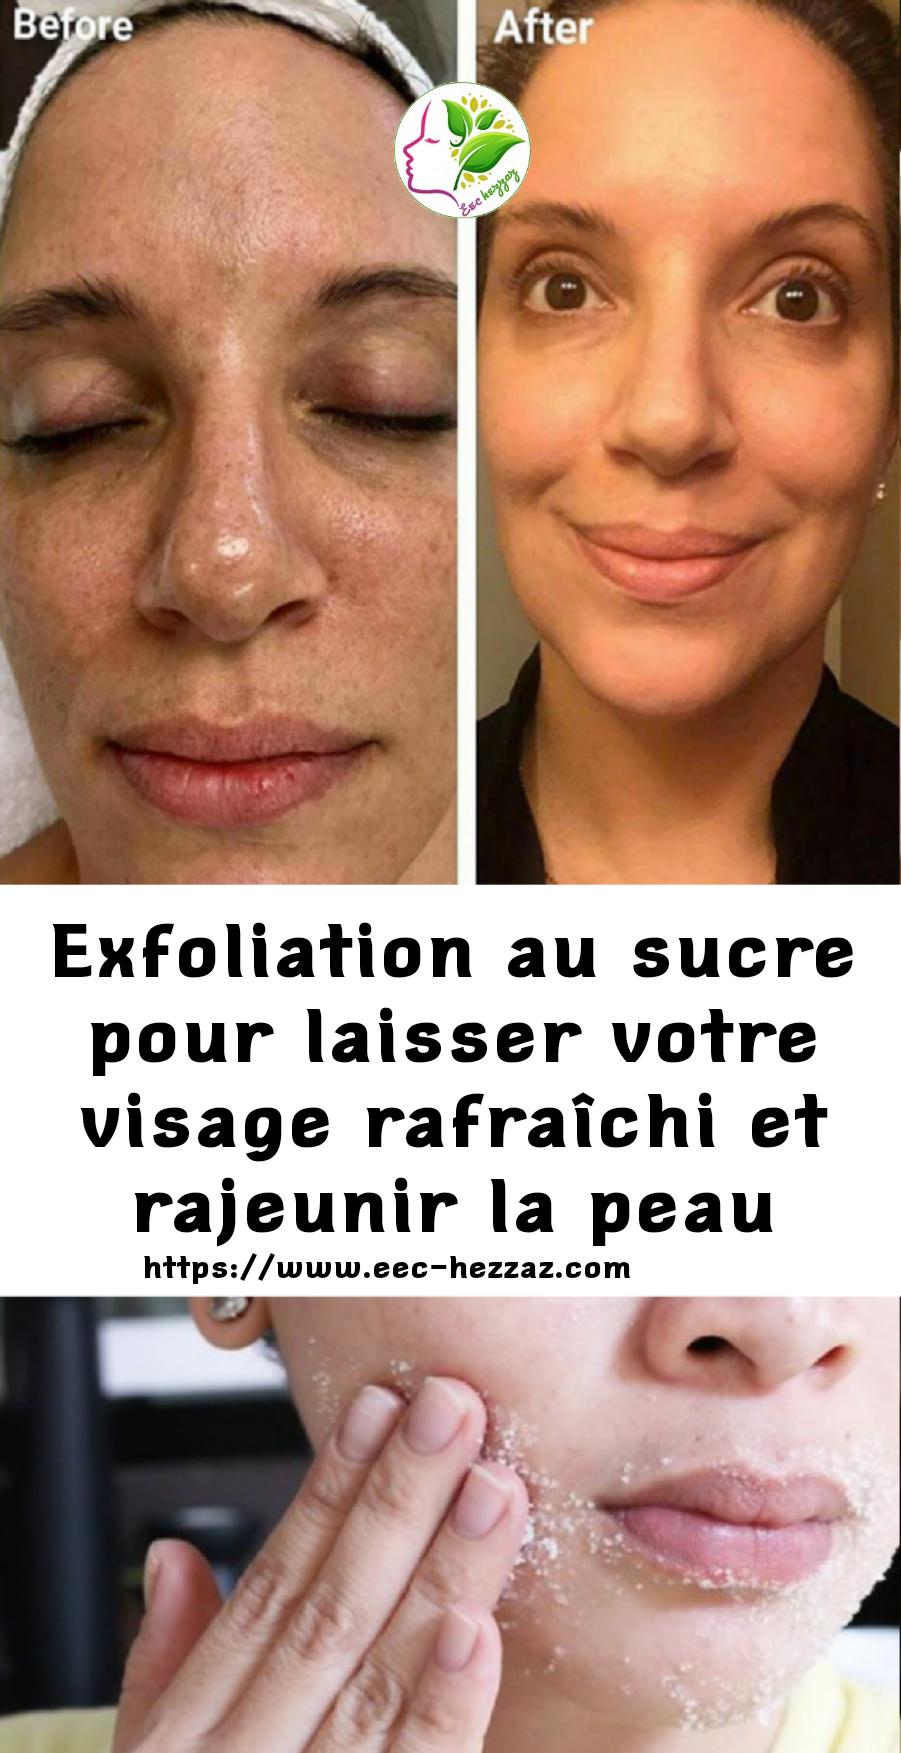 Exfoliation au sucre pour laisser votre visage rafraîchi et rajeunir la peau